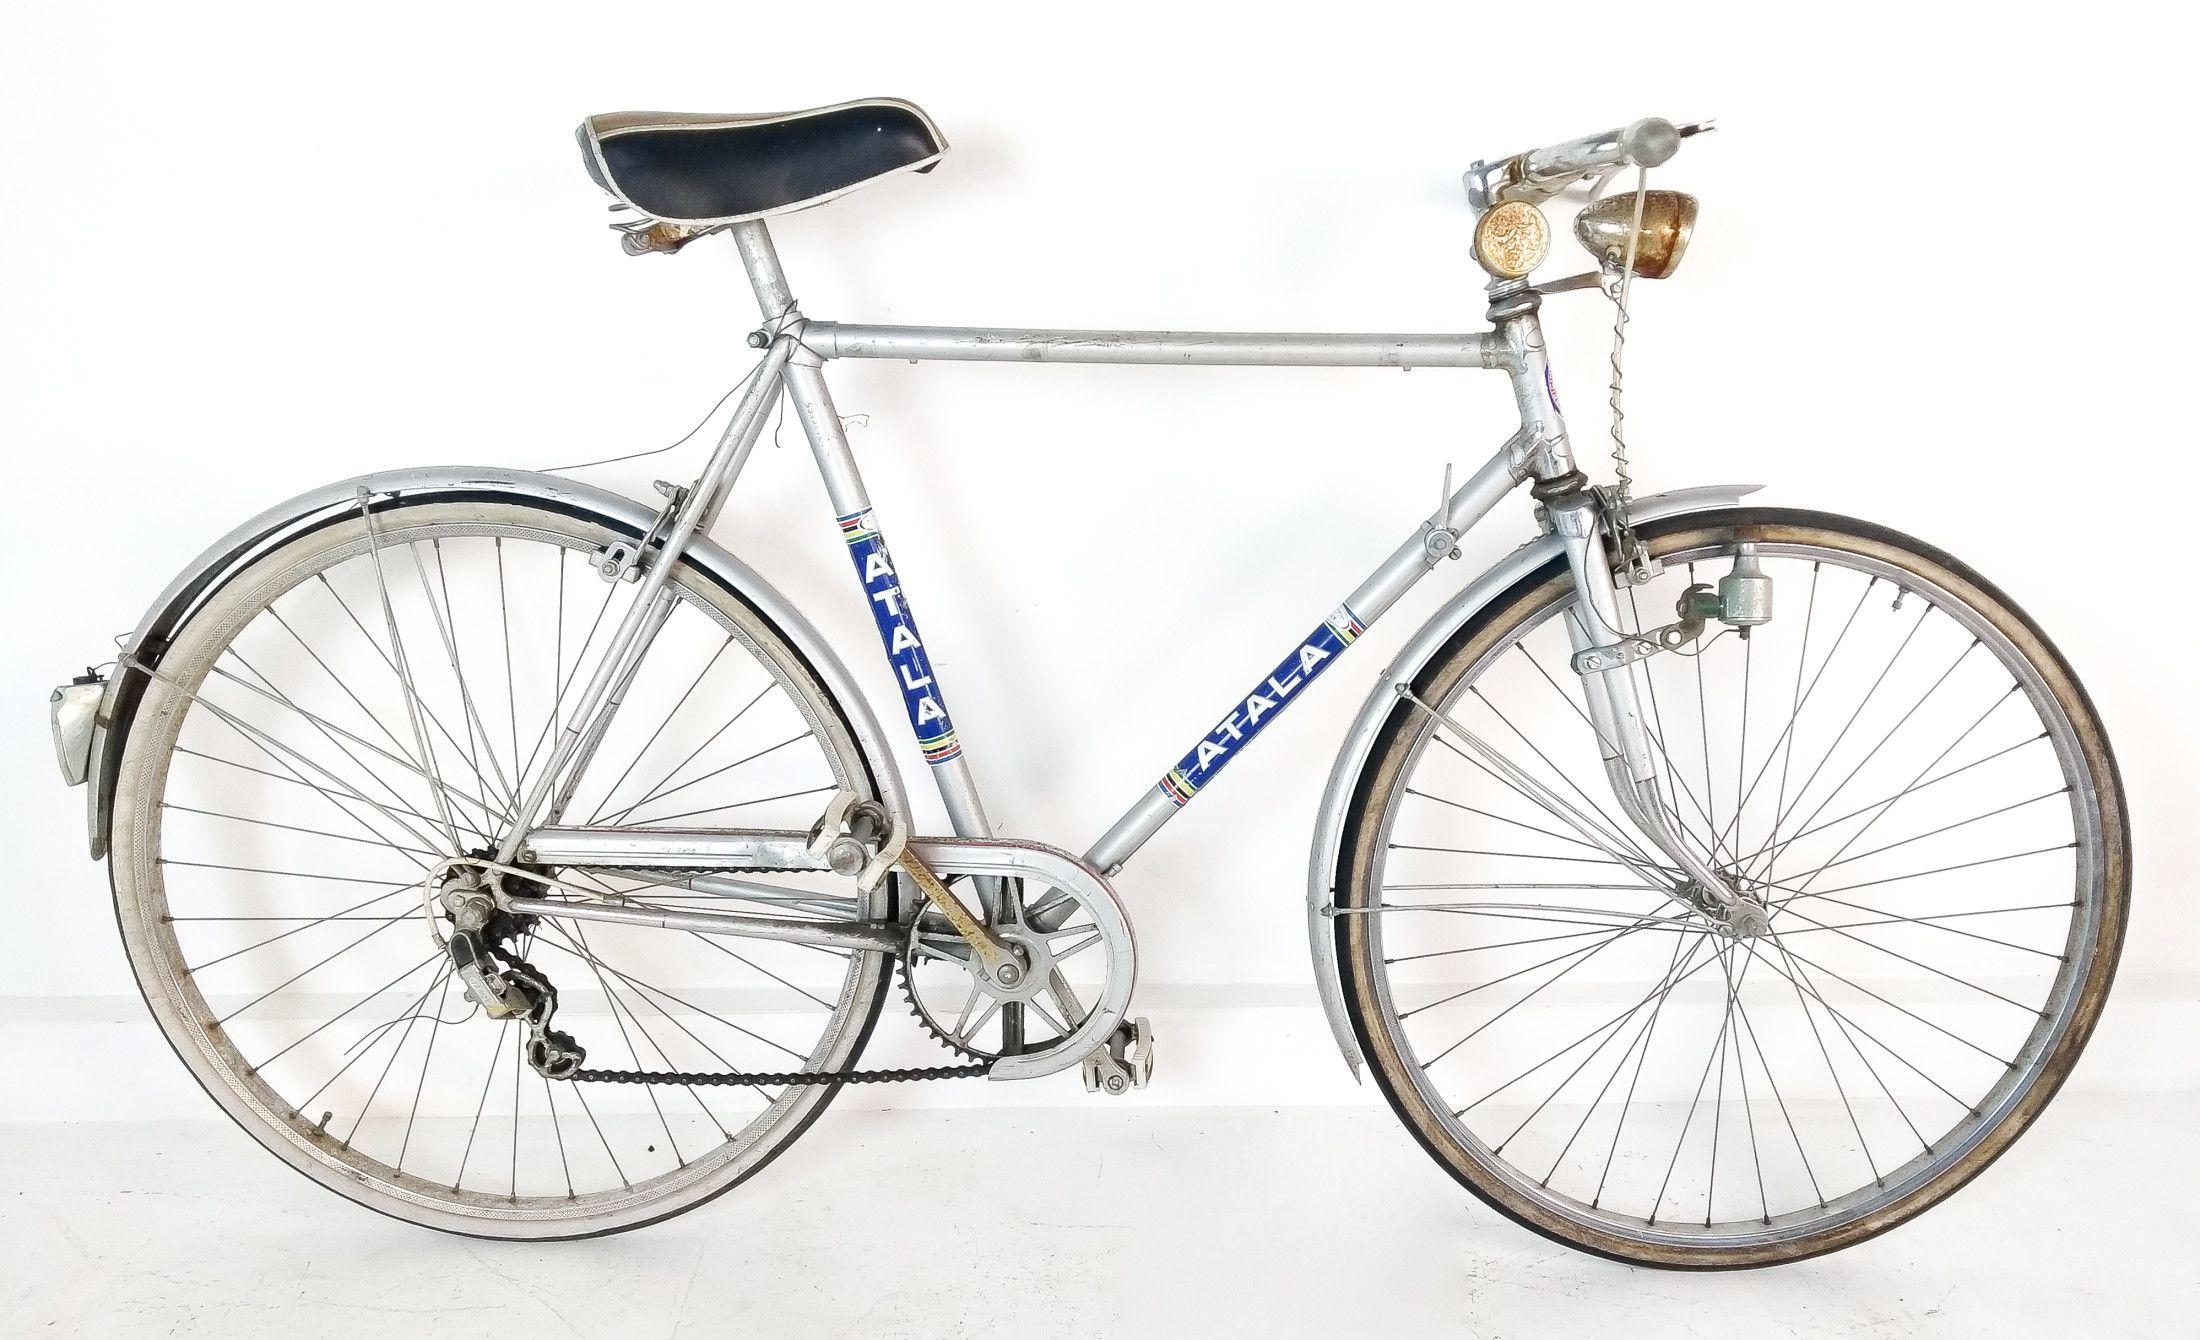 Bicicletta Depoca Officine Meccaniche Atala Numero Di Telaio